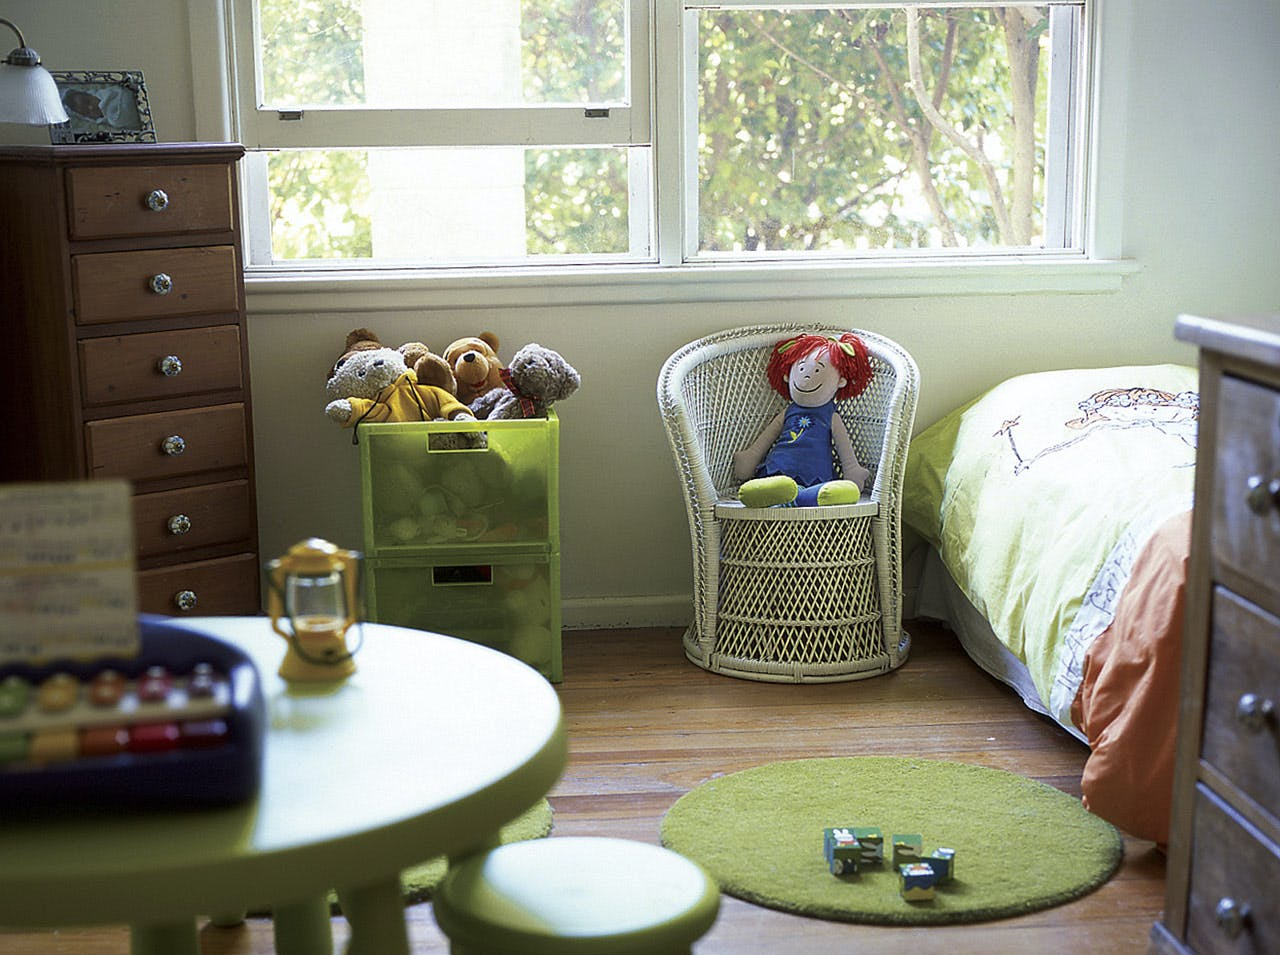 Partage Chambre Fille Garcon déco : aménager une chambre pour deux enfants | parents.fr